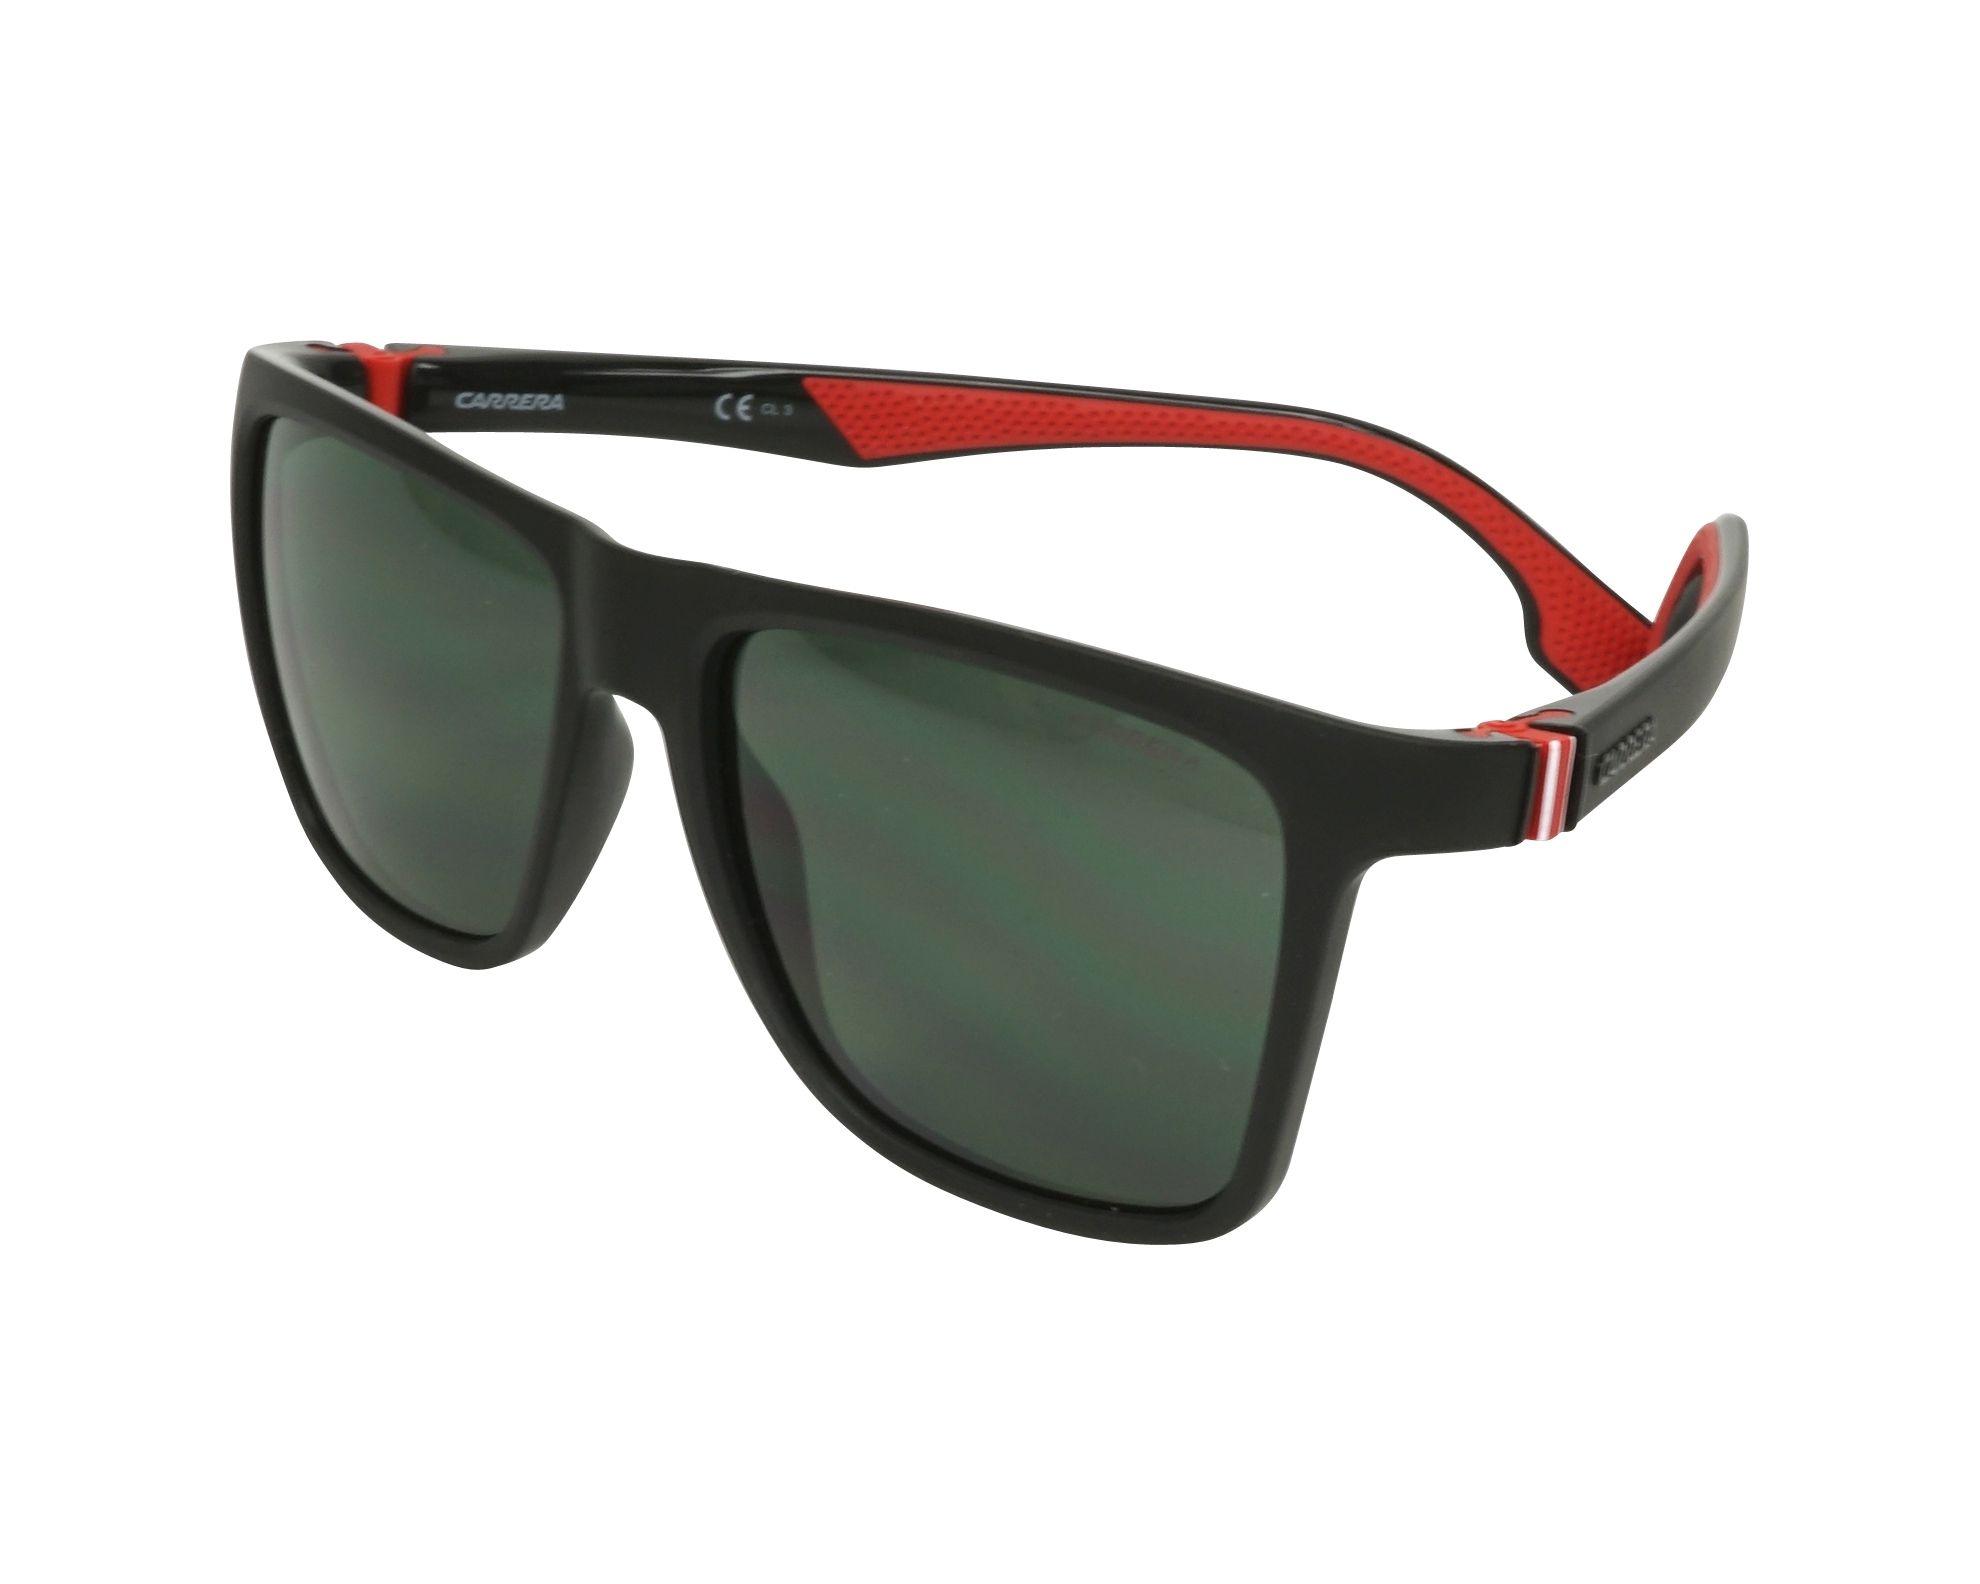 Sunglasses Carrera 5047-S 807 QT 56-17 Black Red profile view 9490ae405e